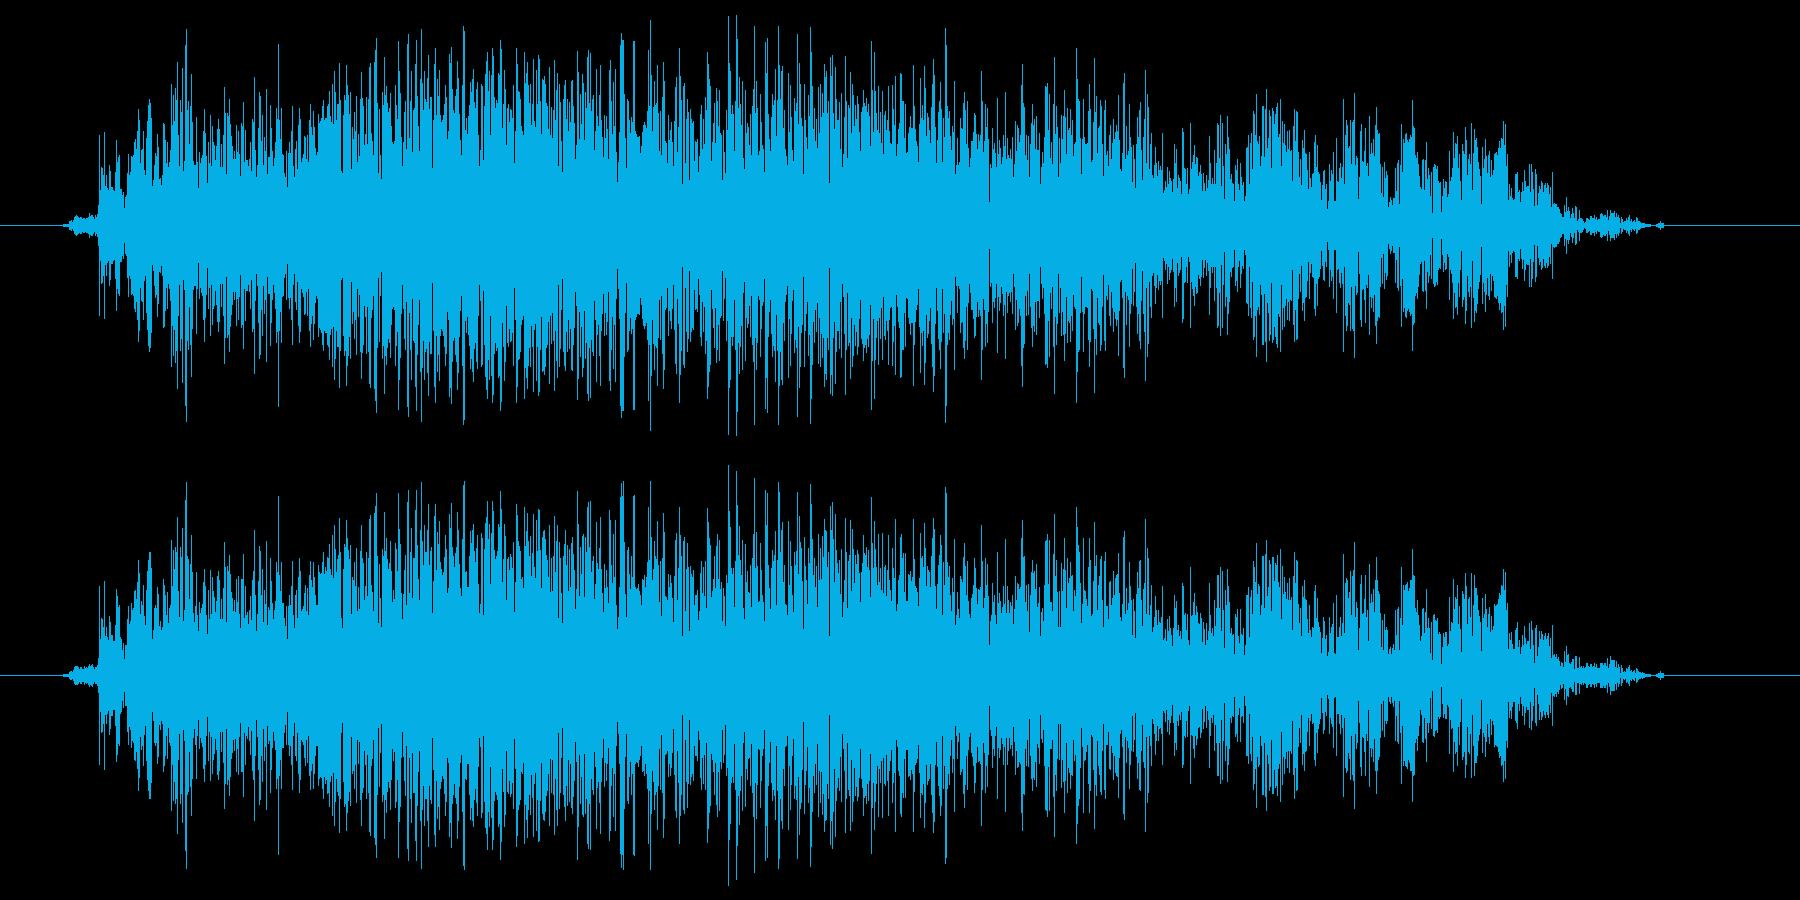 がーおの再生済みの波形